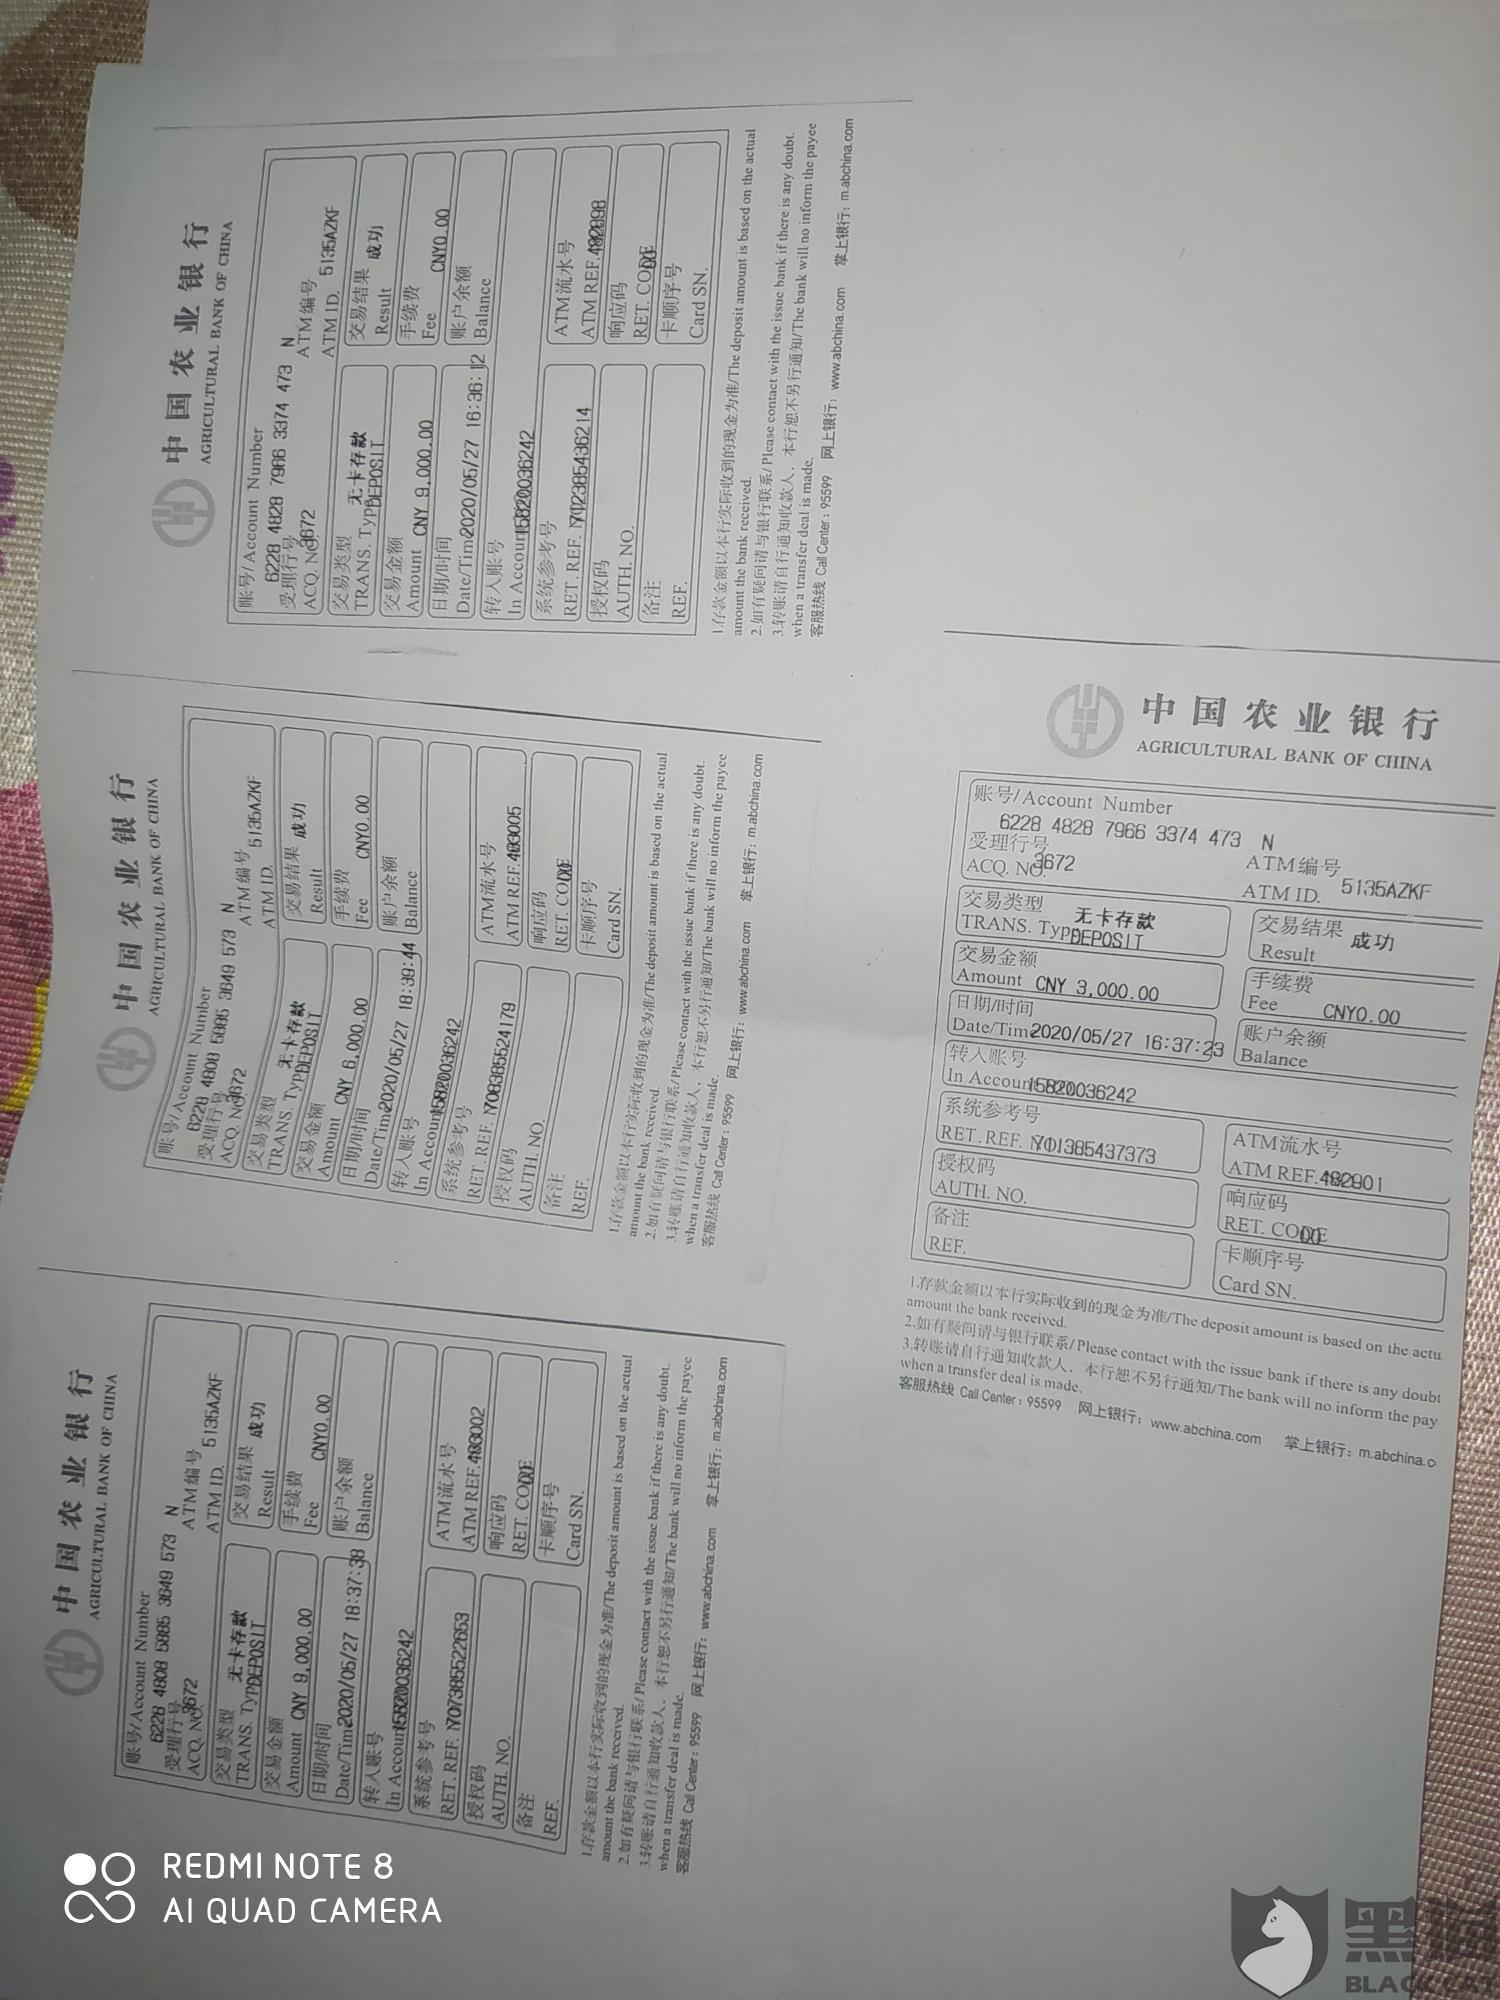 黑猫投诉:被深圳前海微众银行有限公司微粒贷APP